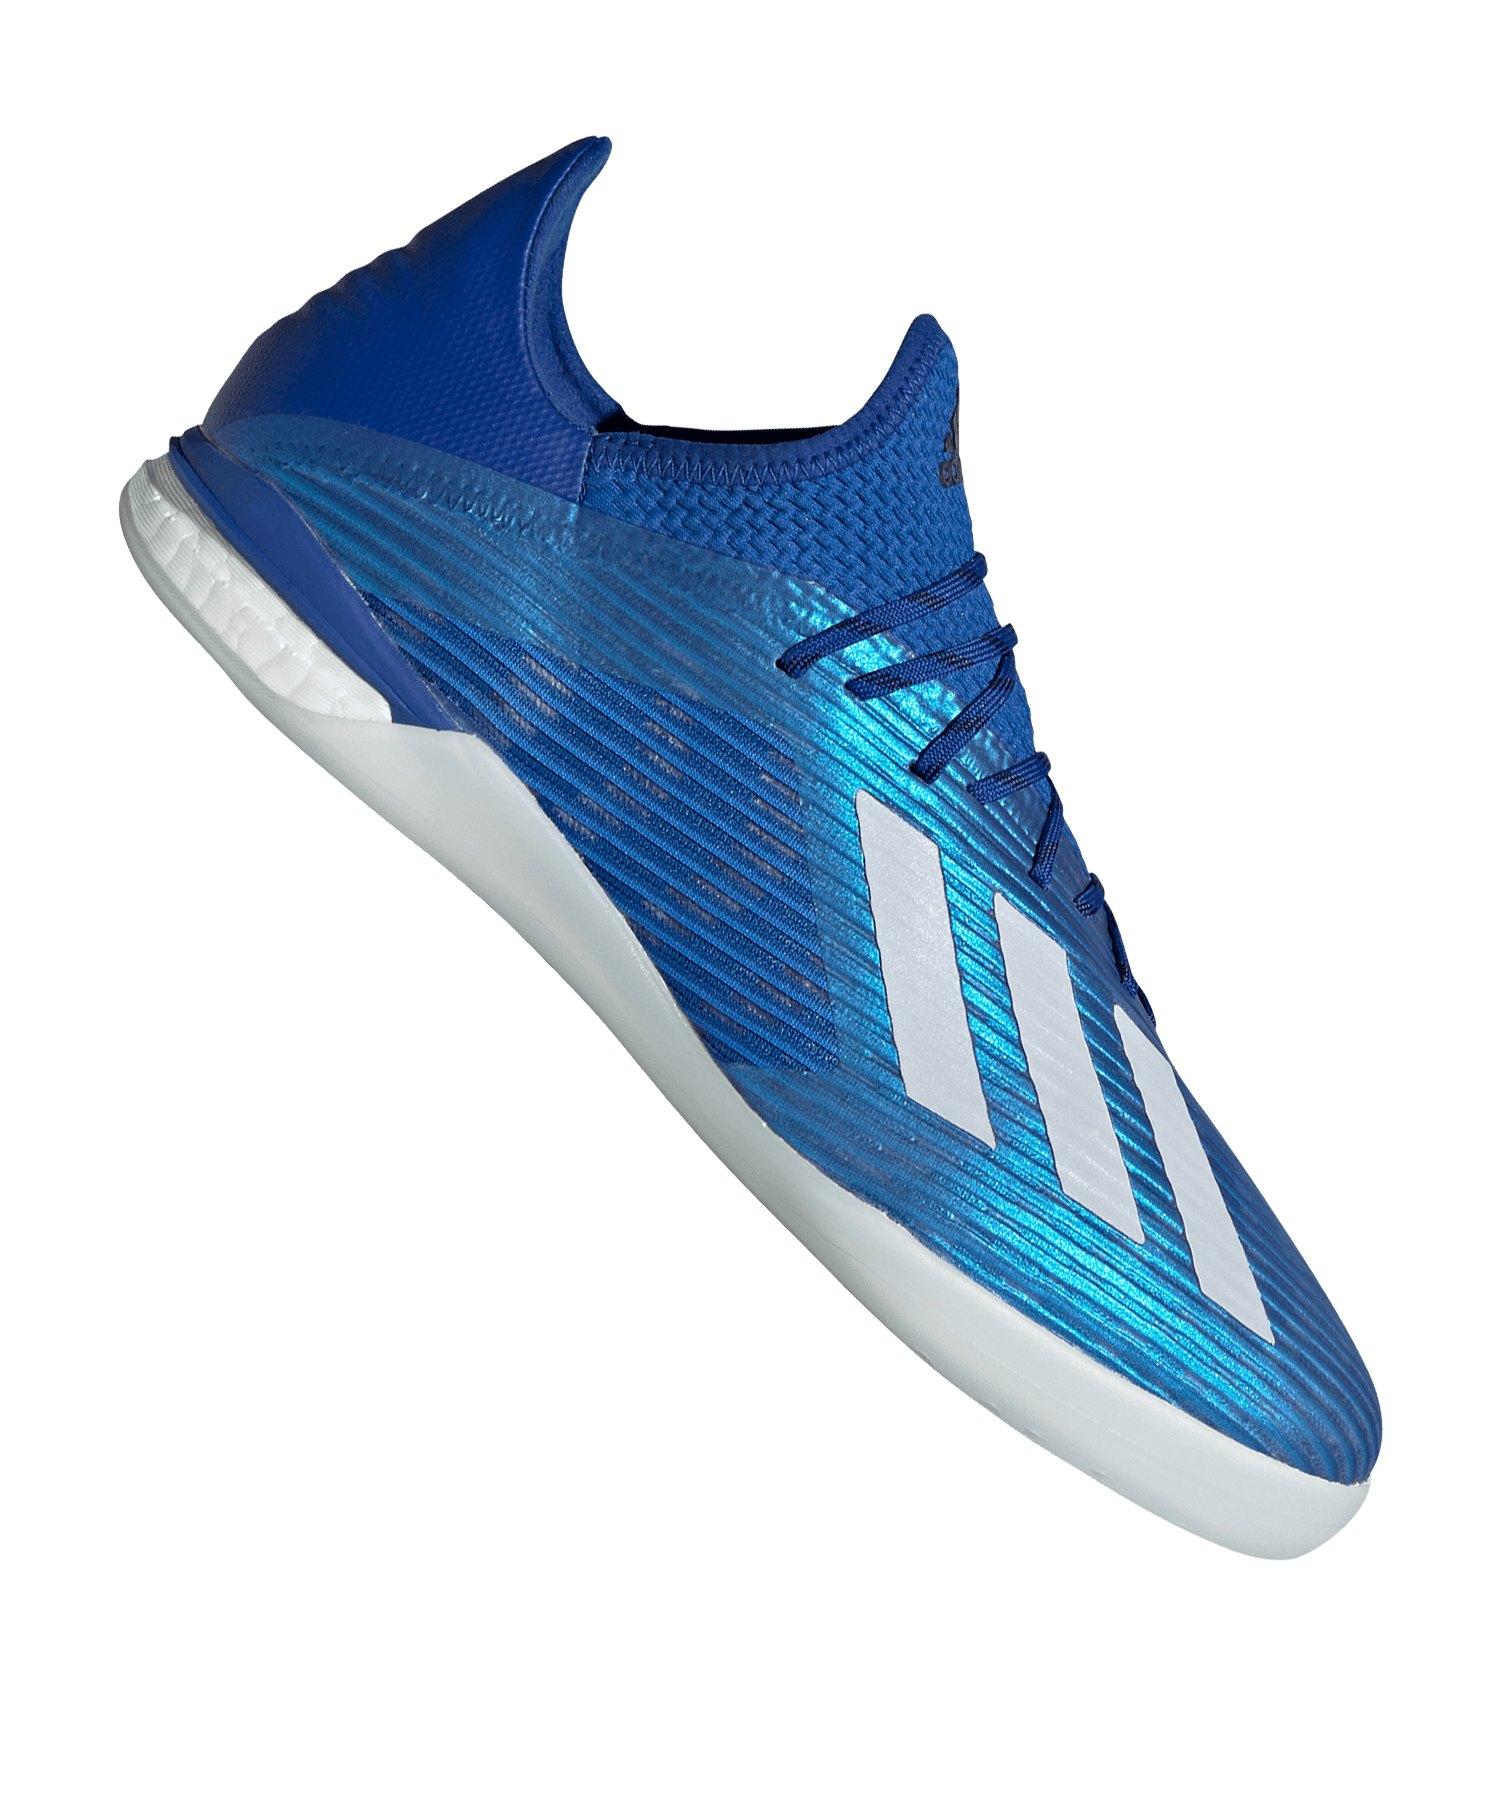 adidas X 19.1 IN Halle Blau Weiss - blau